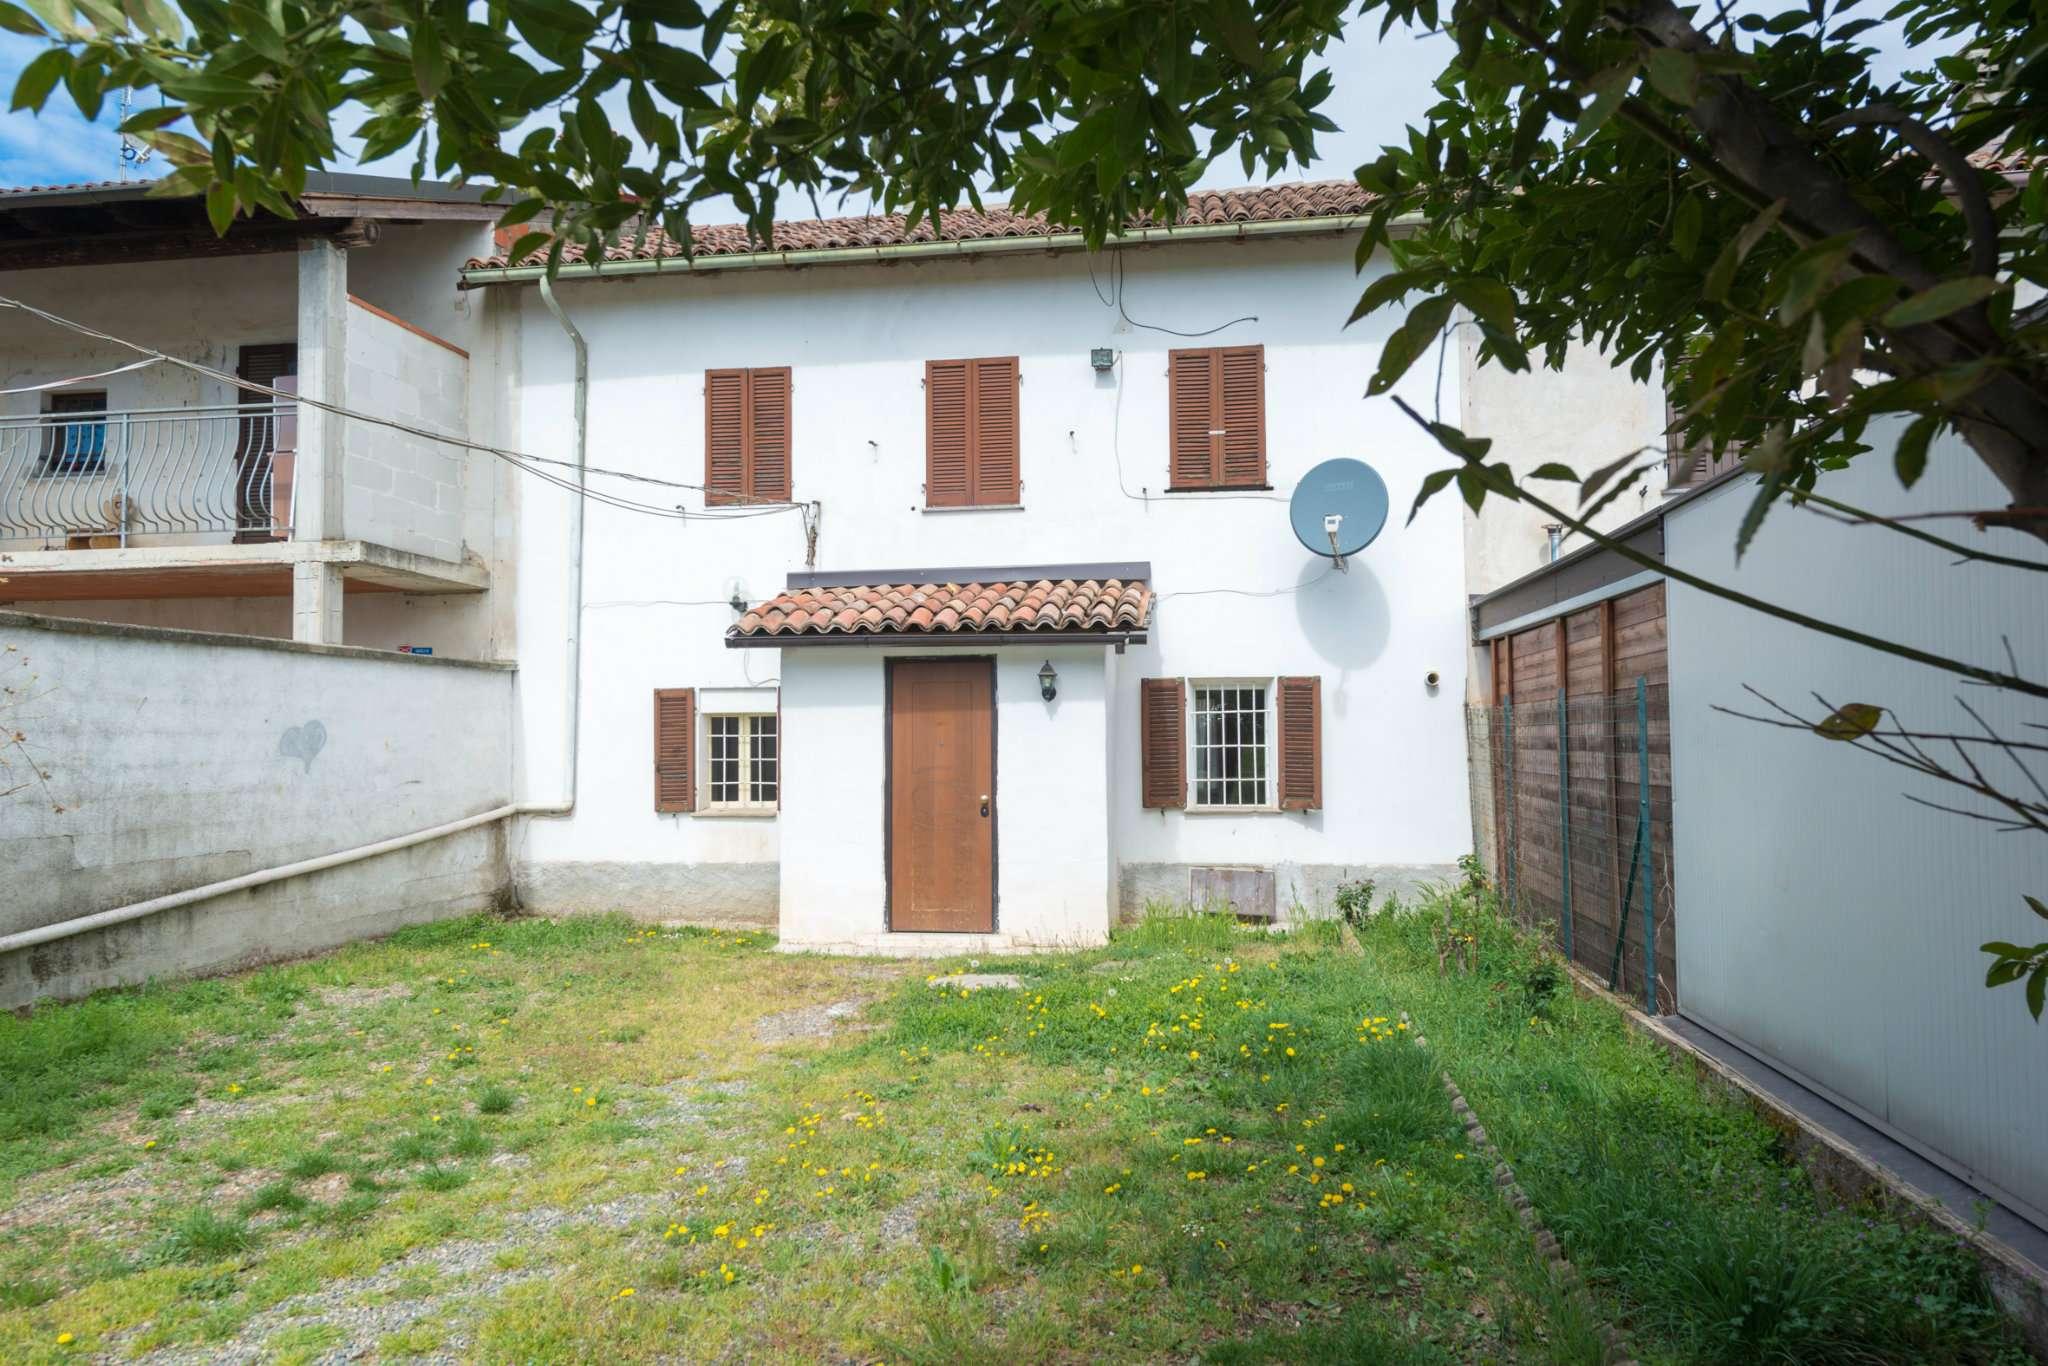 Soluzione Indipendente in vendita a Bosco Marengo, 3 locali, prezzo € 50.000 | CambioCasa.it